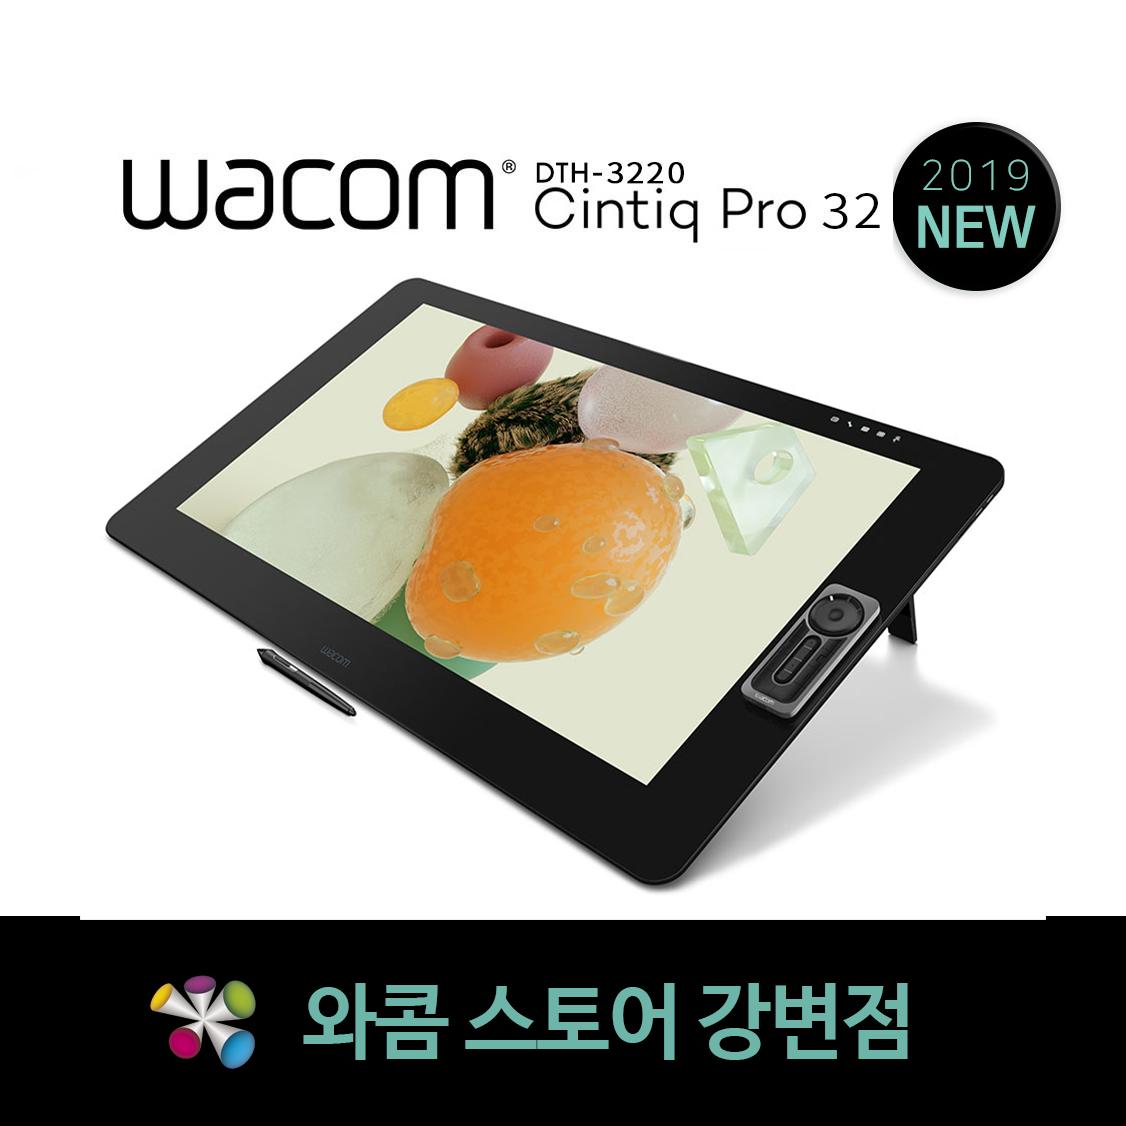 와콤 WACOM 신티크 프로 32 DTH-3220 타블렛